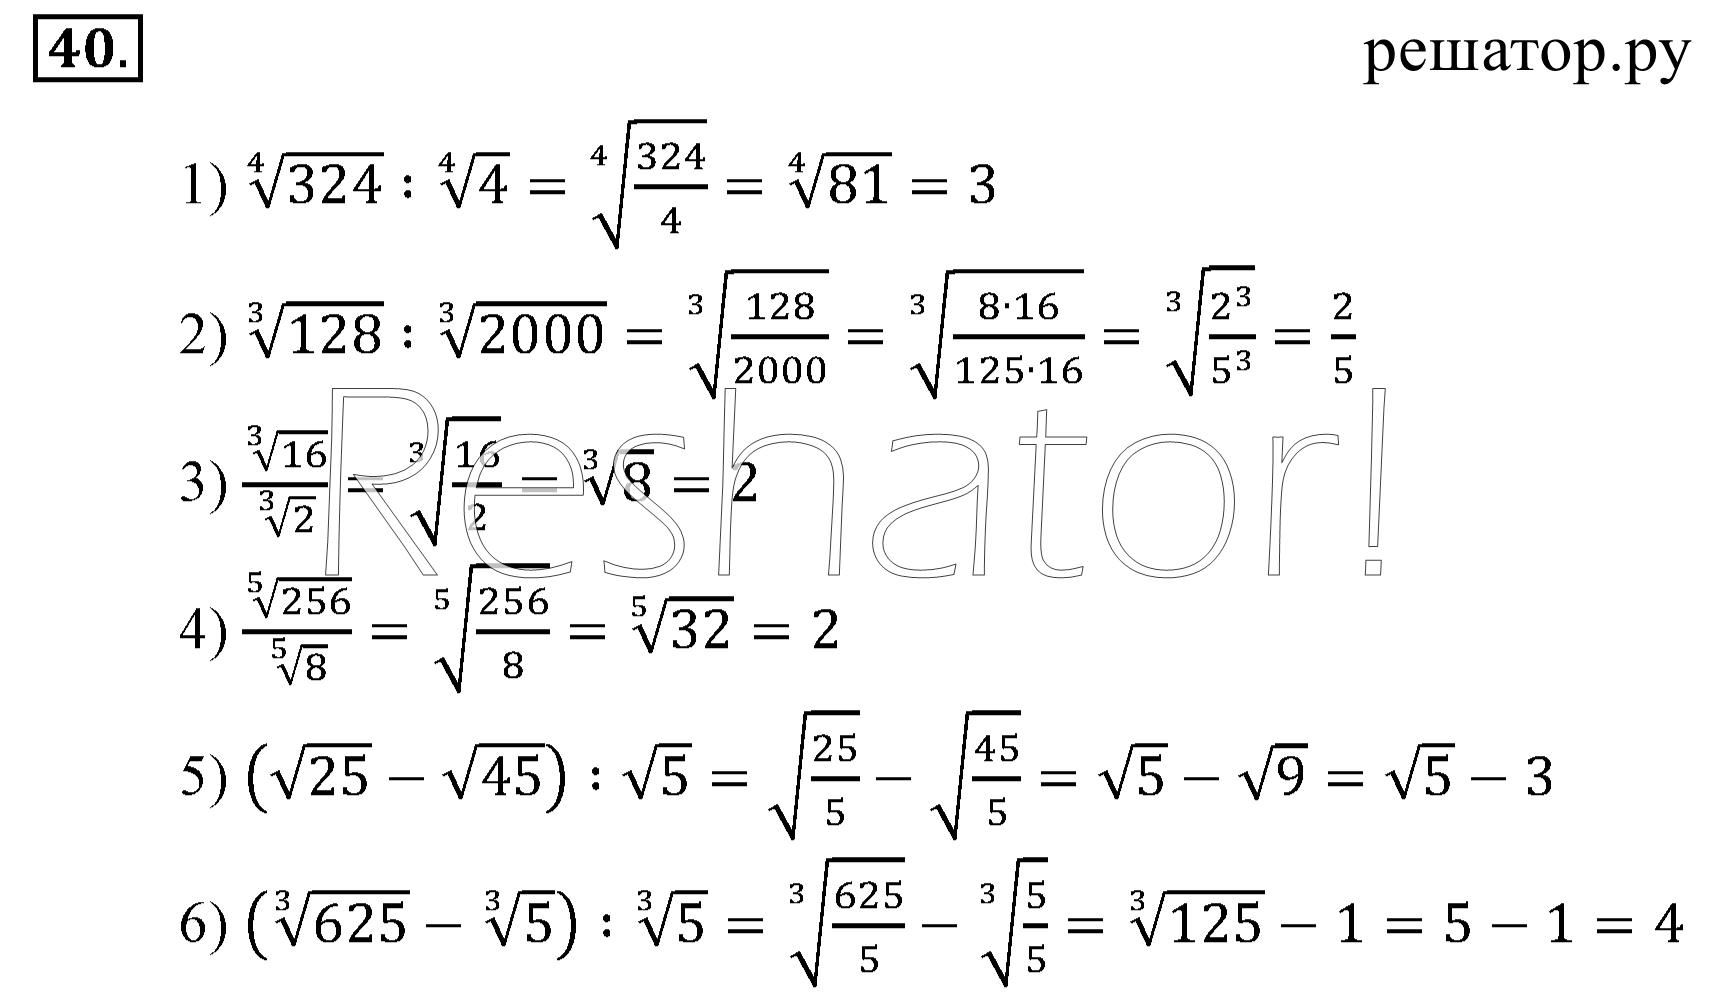 Решебник 10 11 класс алгебра и начала анализа.